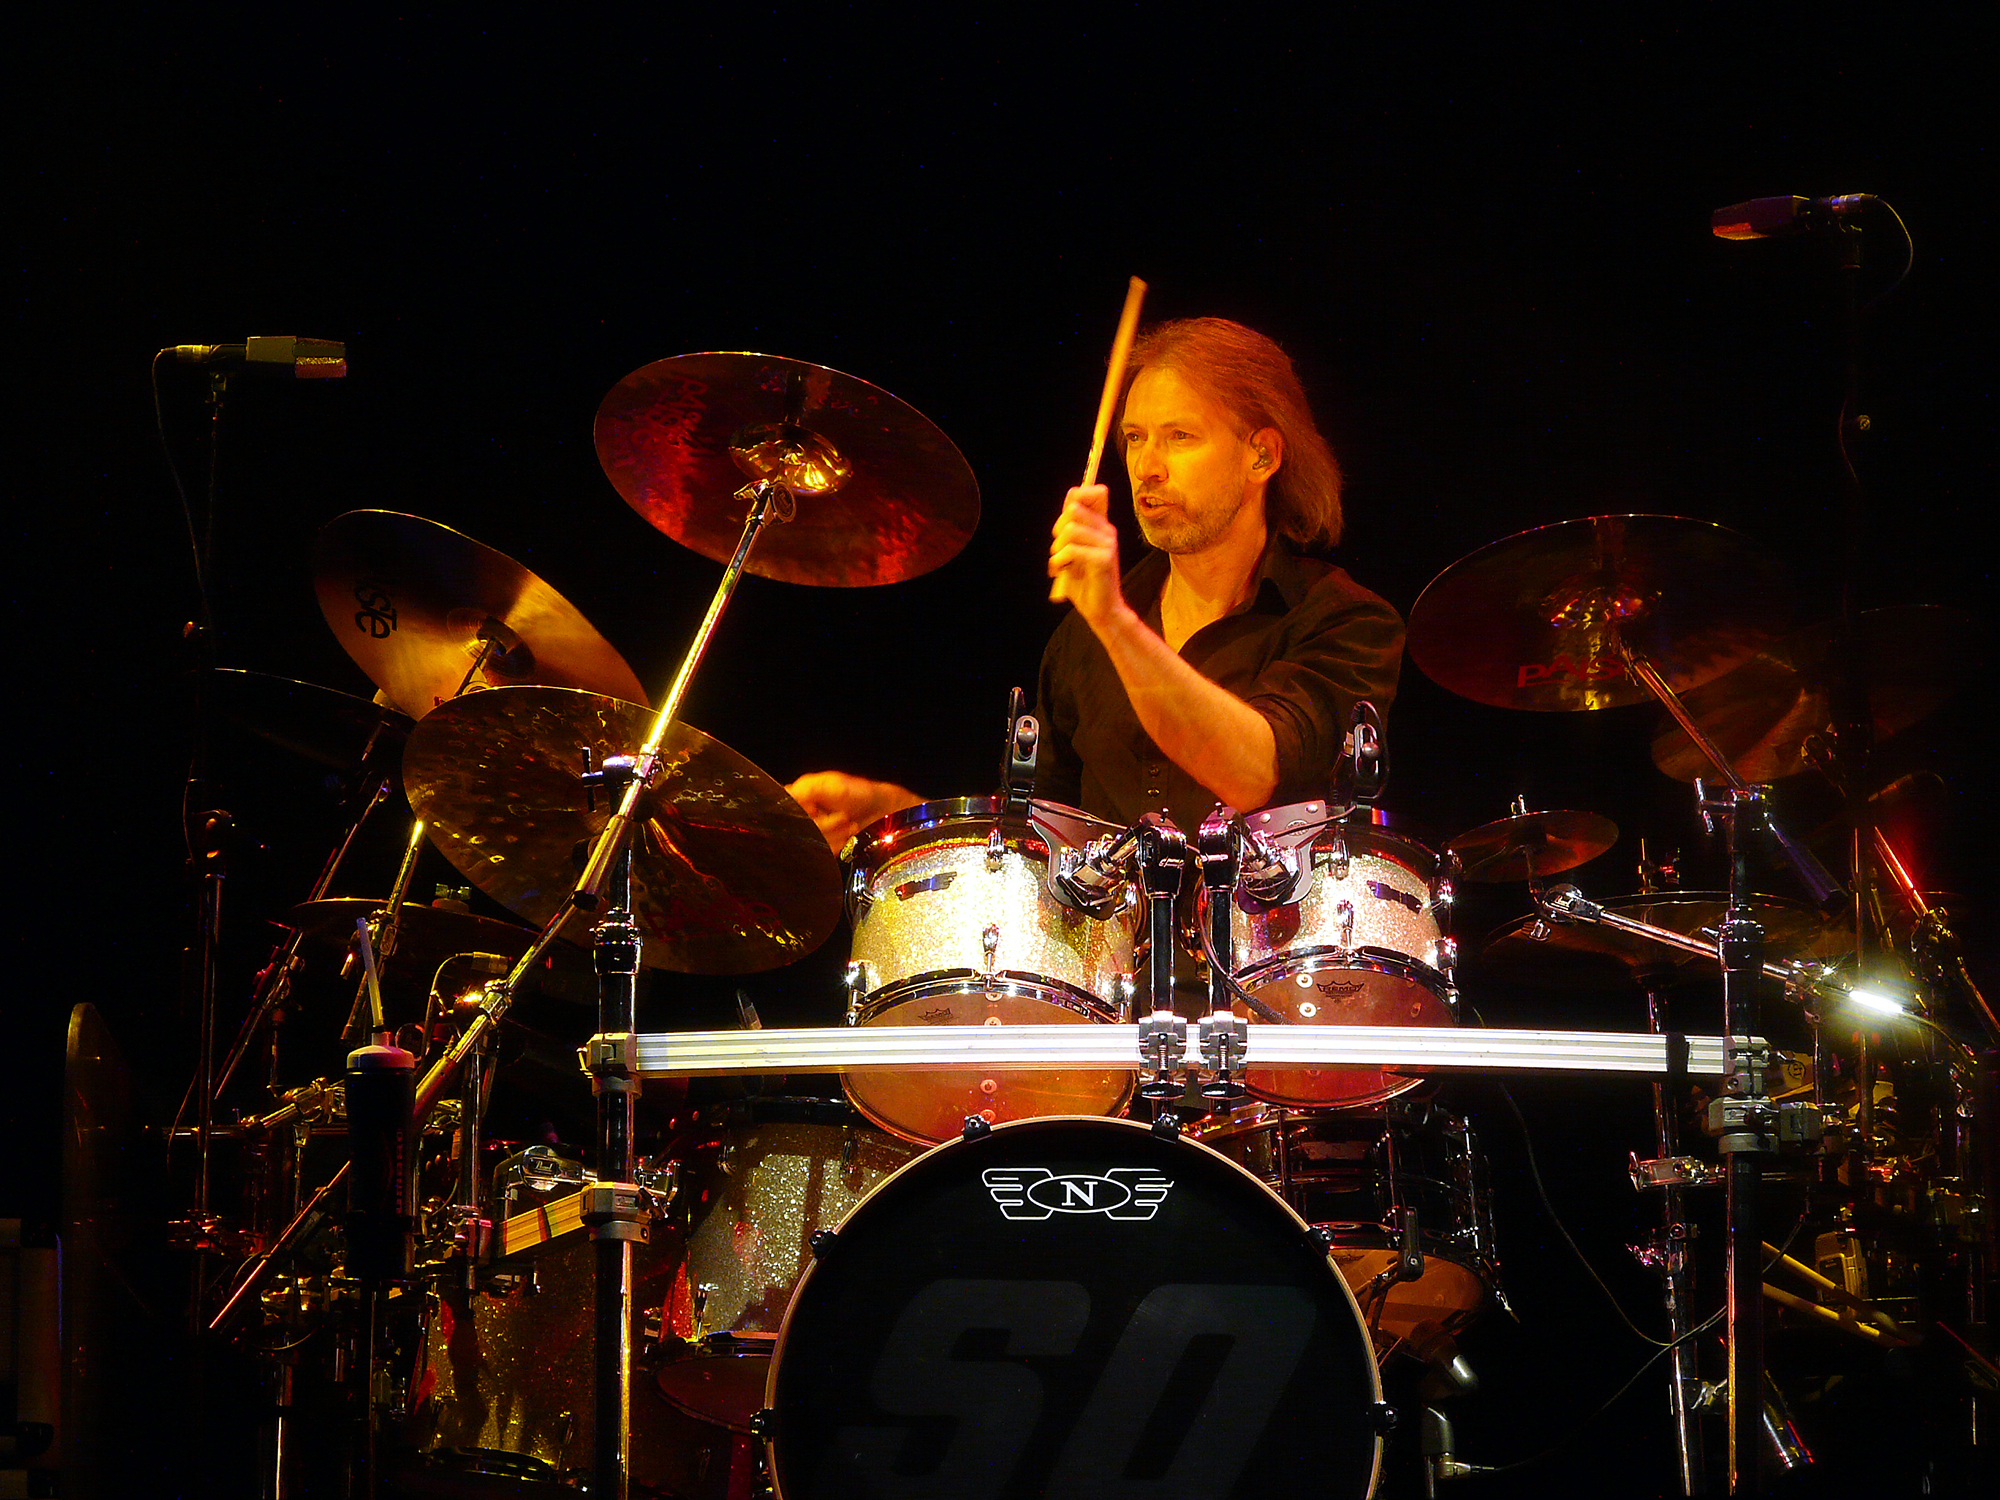 matt letley drummer